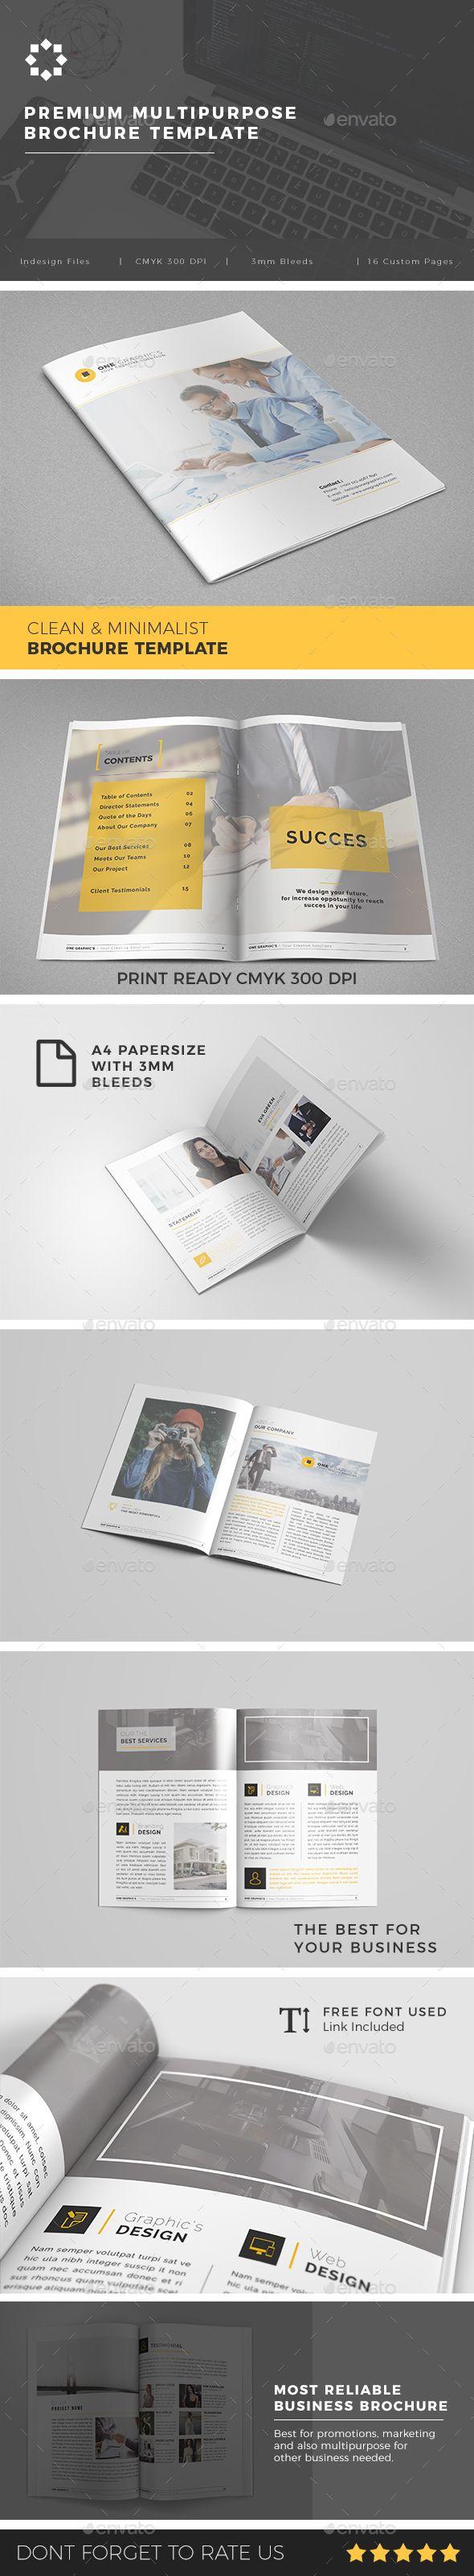 250 besten M Bilder auf Pinterest   Broschüre vorlage, Broschüren ...